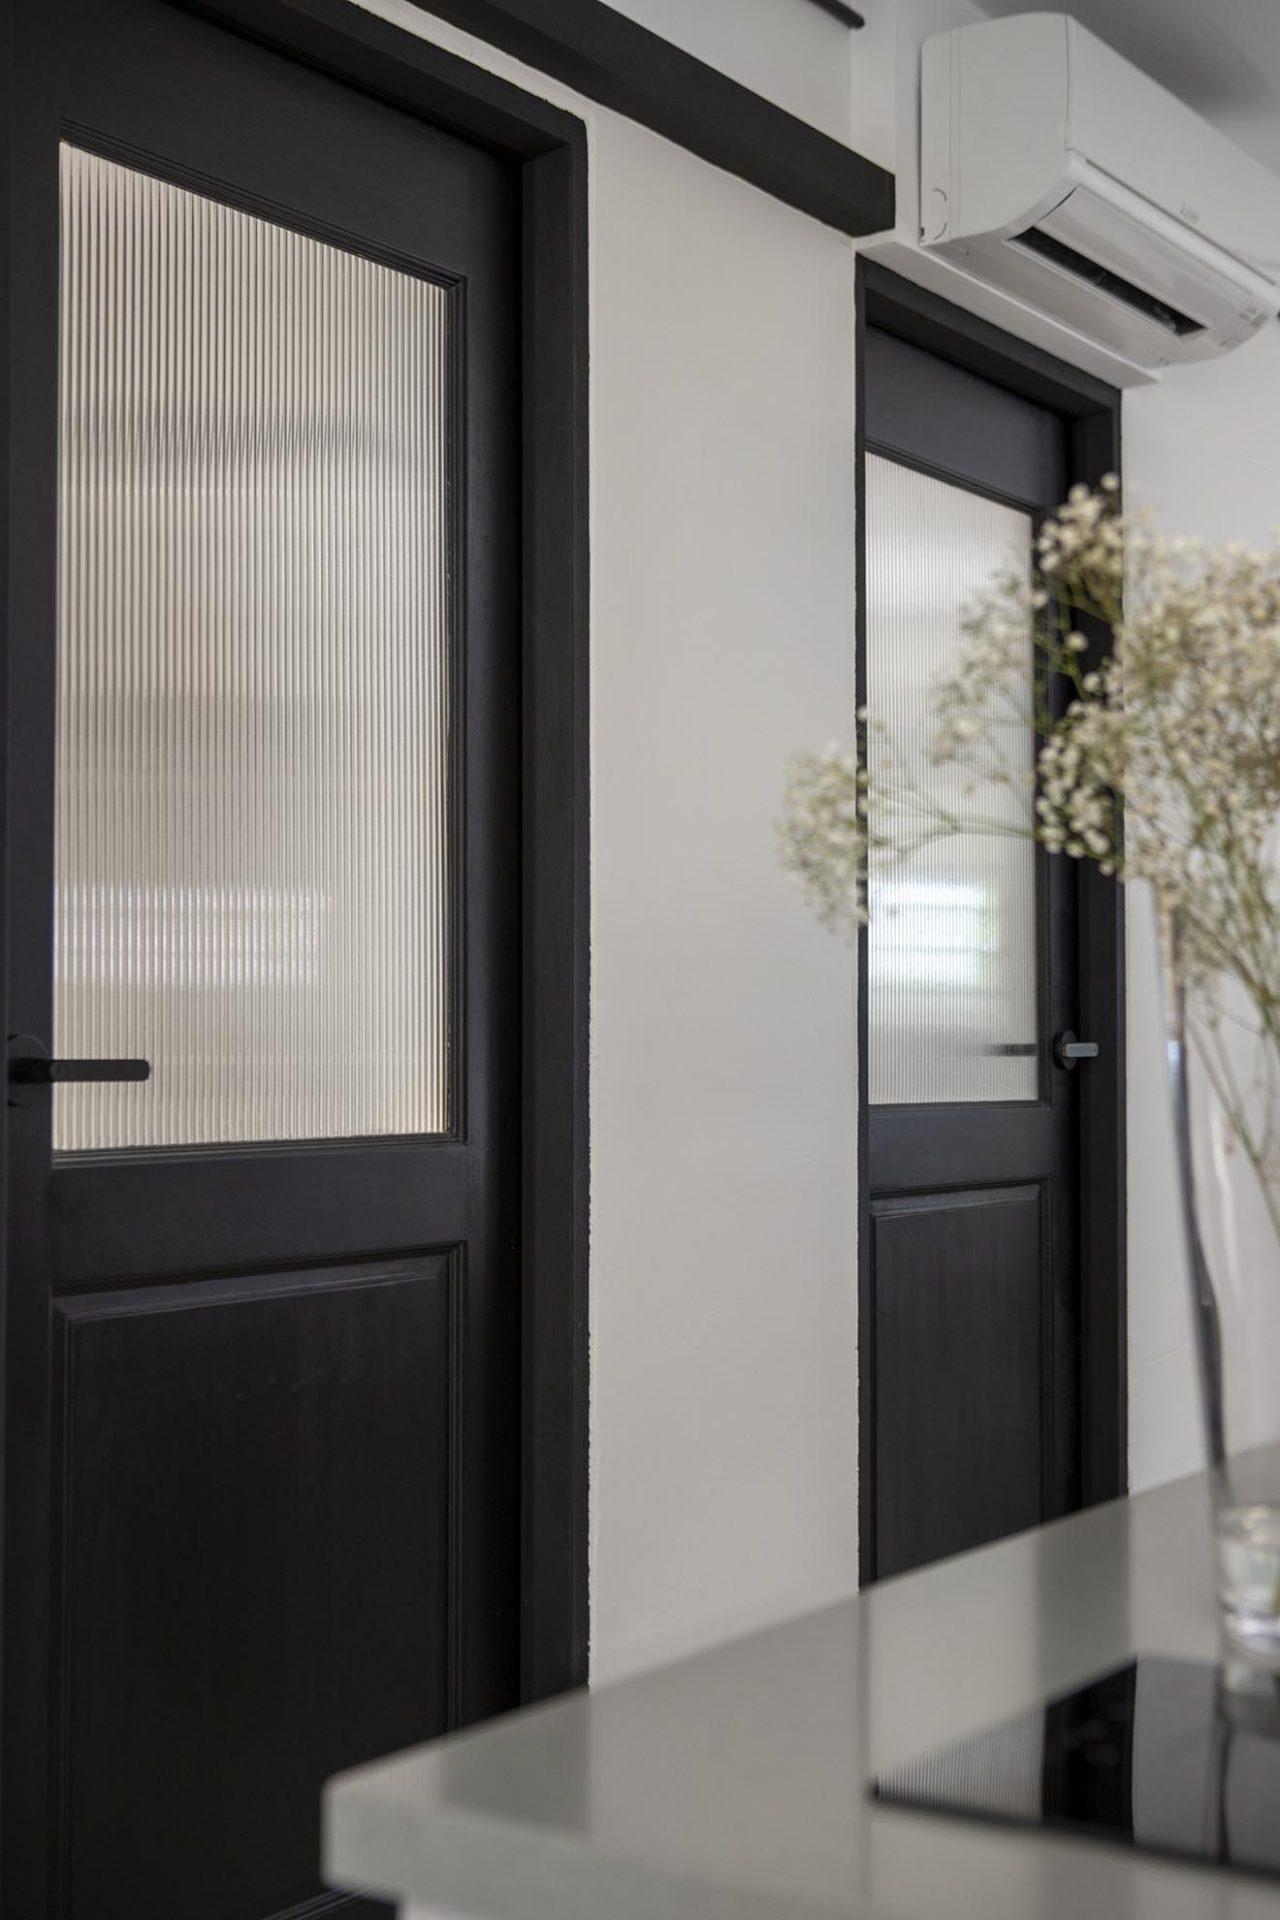 Serangoon Ave 2 doors